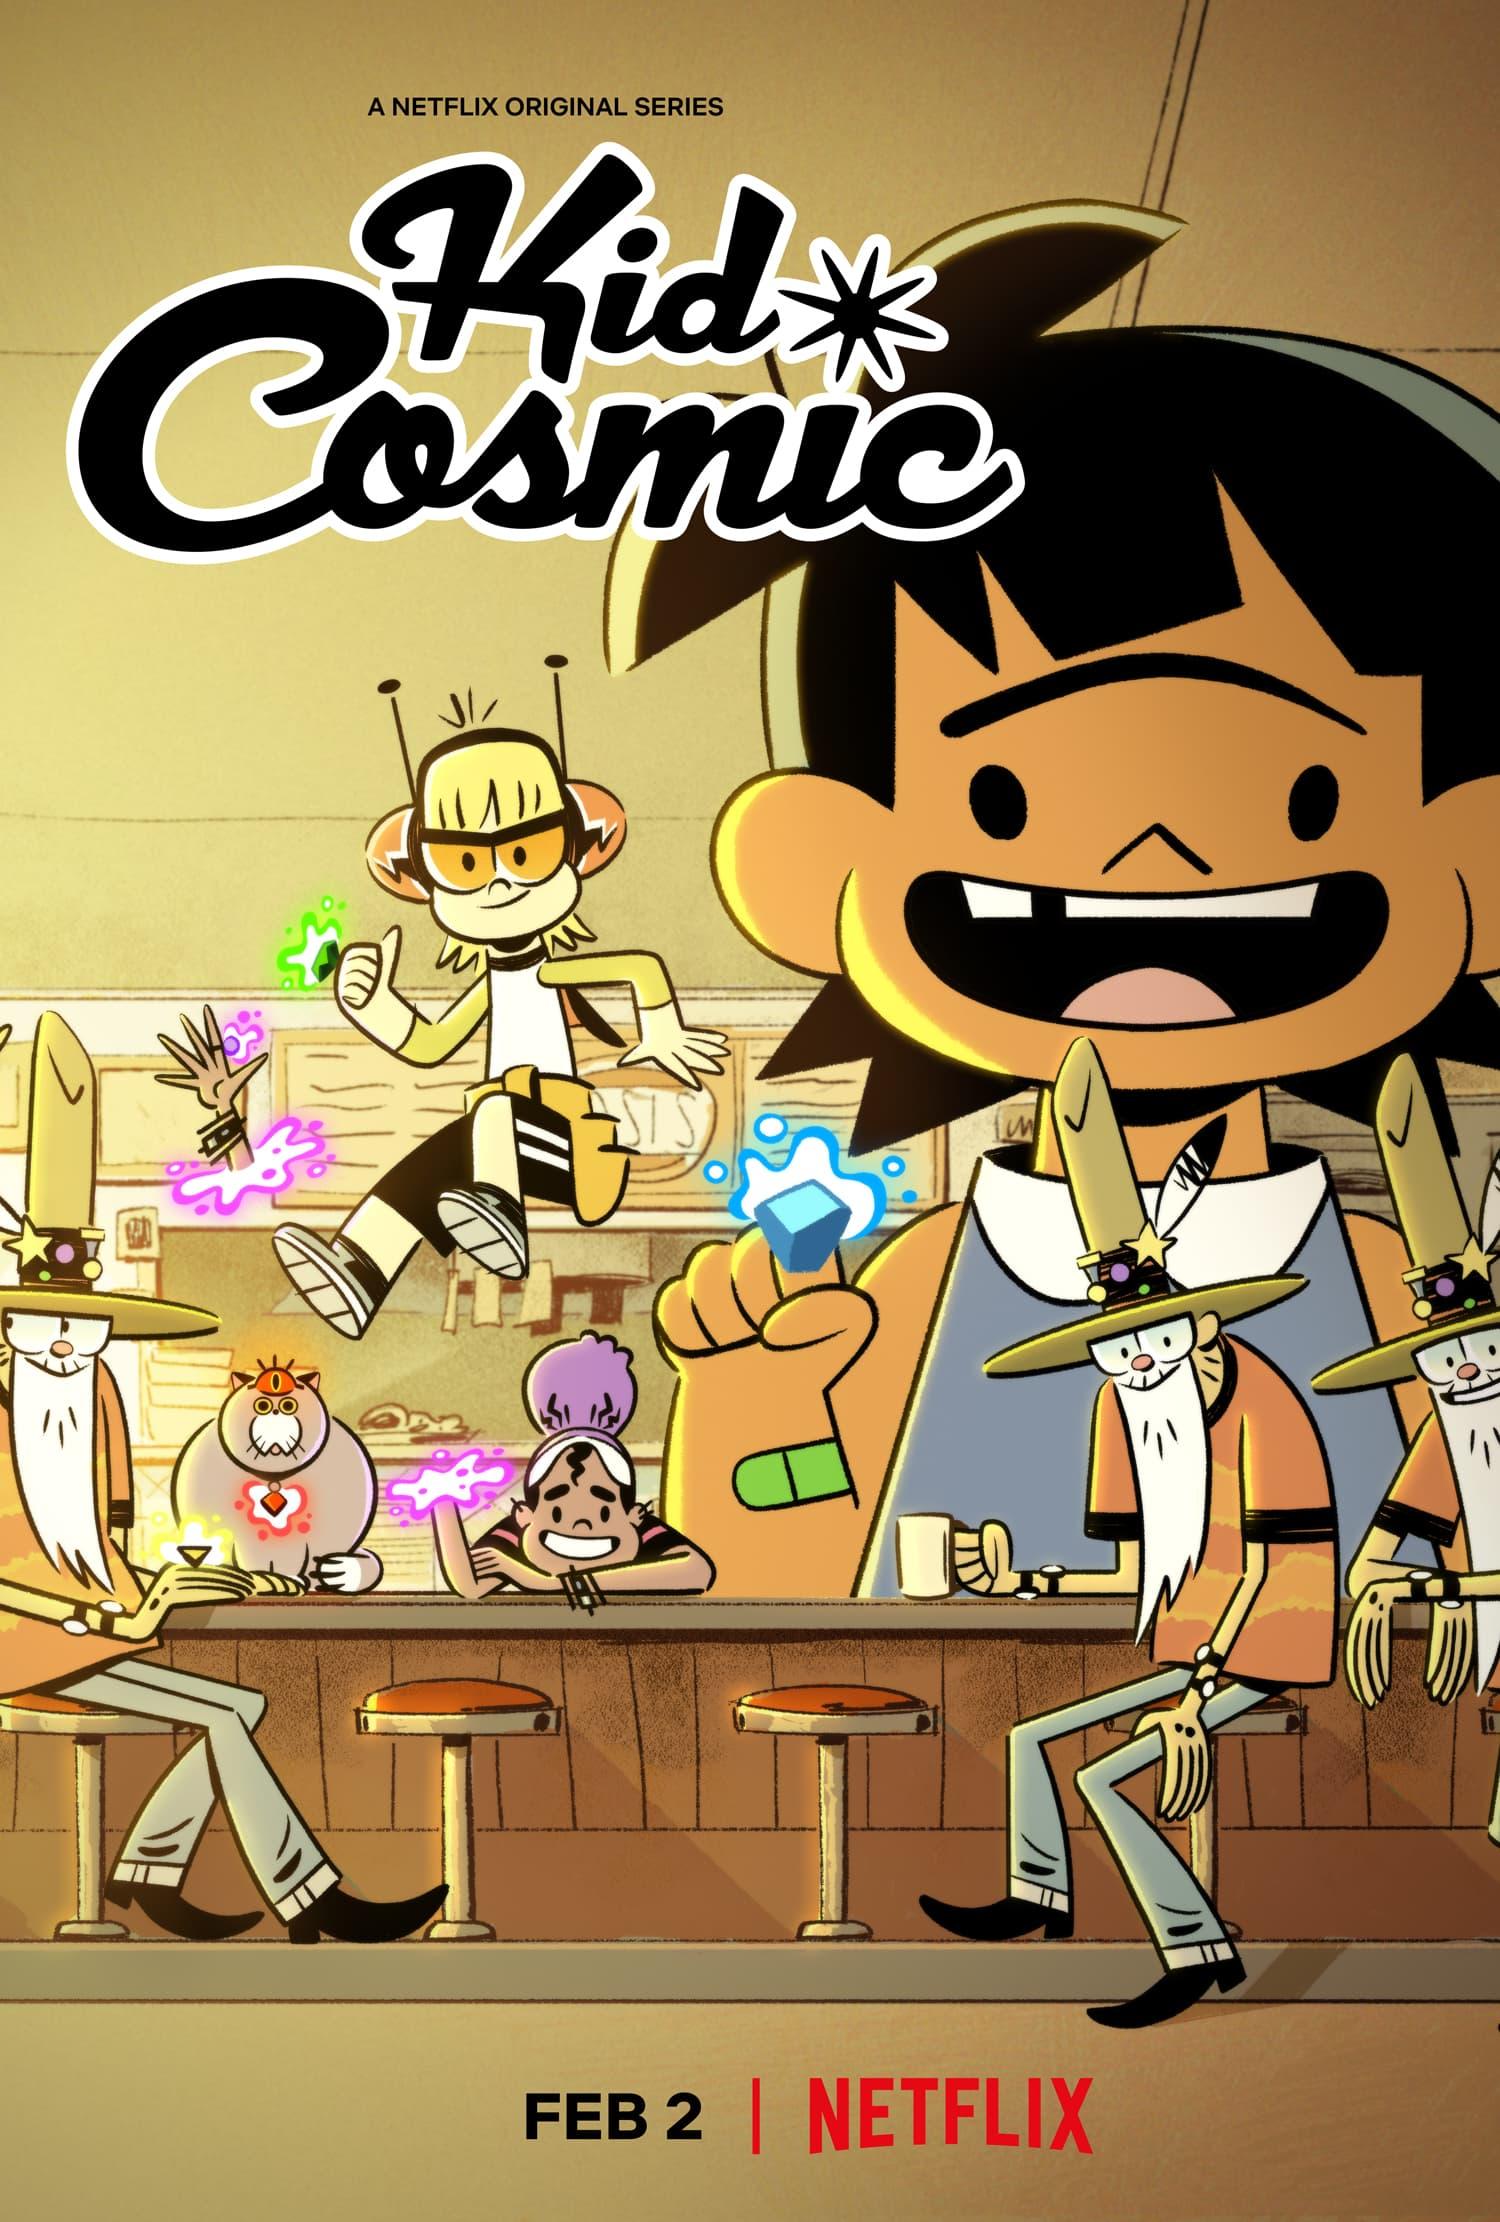 Kid Cosmic Season 1 Spoiler-Free Review